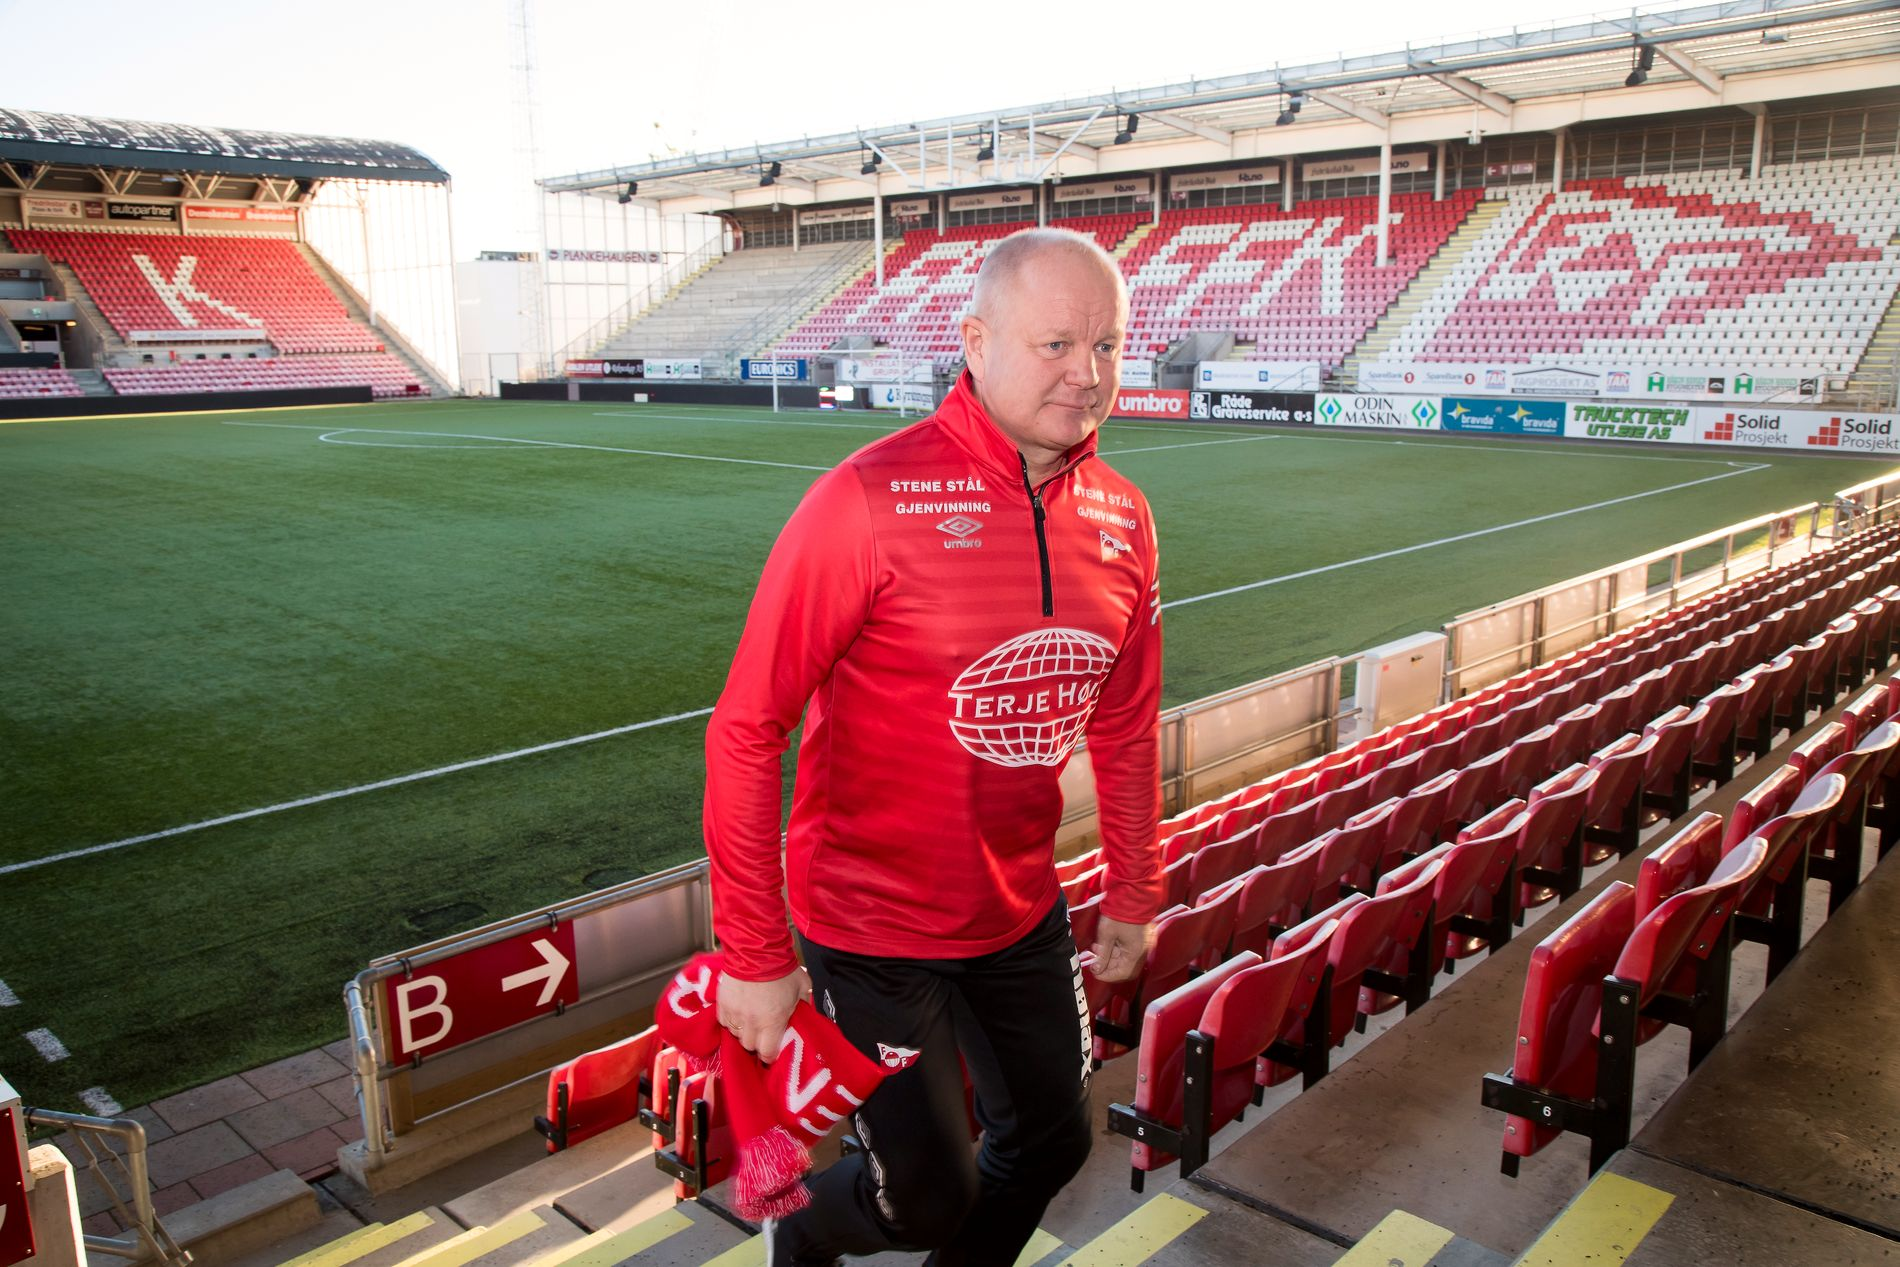 HAR FJERNET FRYKTEN: Per-Mathias Høgmo har jobbet mye med det mentale etter at han overtok Fredrikstad. 58-åringen tror at frykten for å tape lenge var større enn gleden over å vinne i FFK. – Jeg registrerer at det er snudd nå og at vi gleder oss til kampene, sier Høgmo.